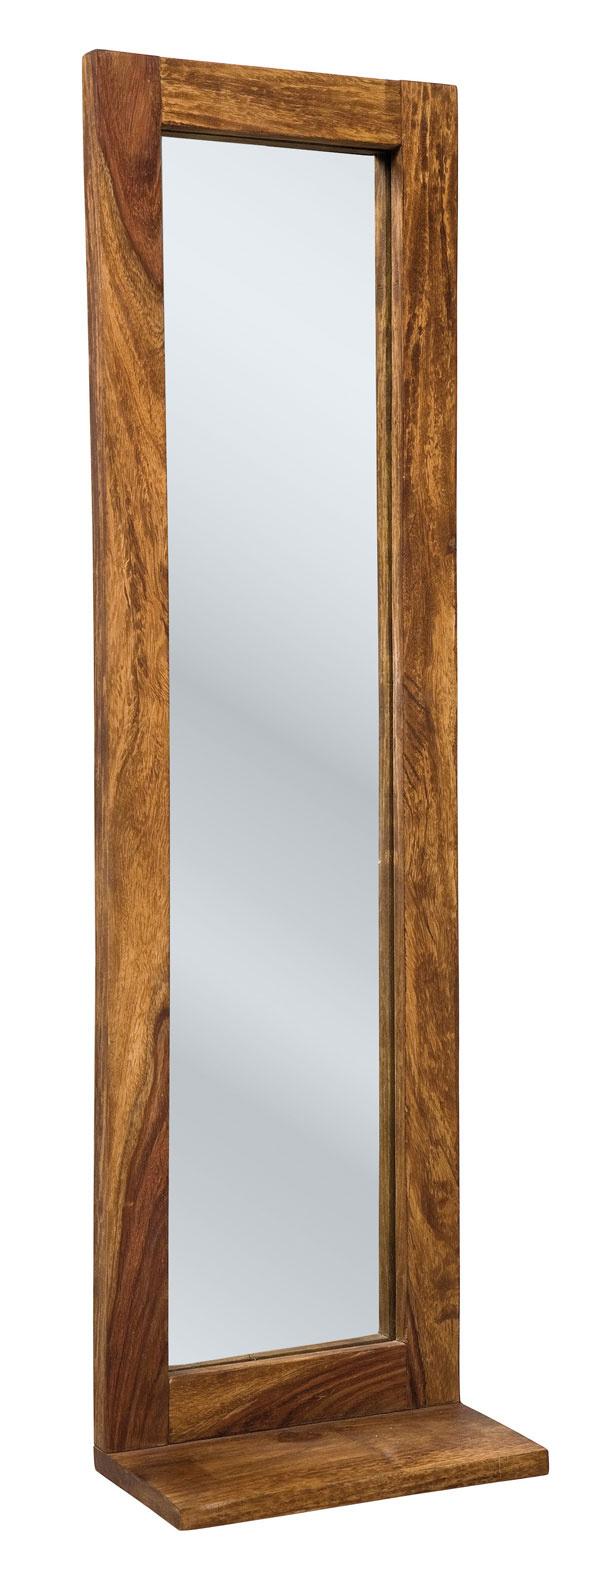 Zrkadlám sa vmalých priestoroch nevyhýbajte. So svojimi čarodejnými schopnosťami zväčšia apresvetlia priestor aj bez priečkového ruinovania.